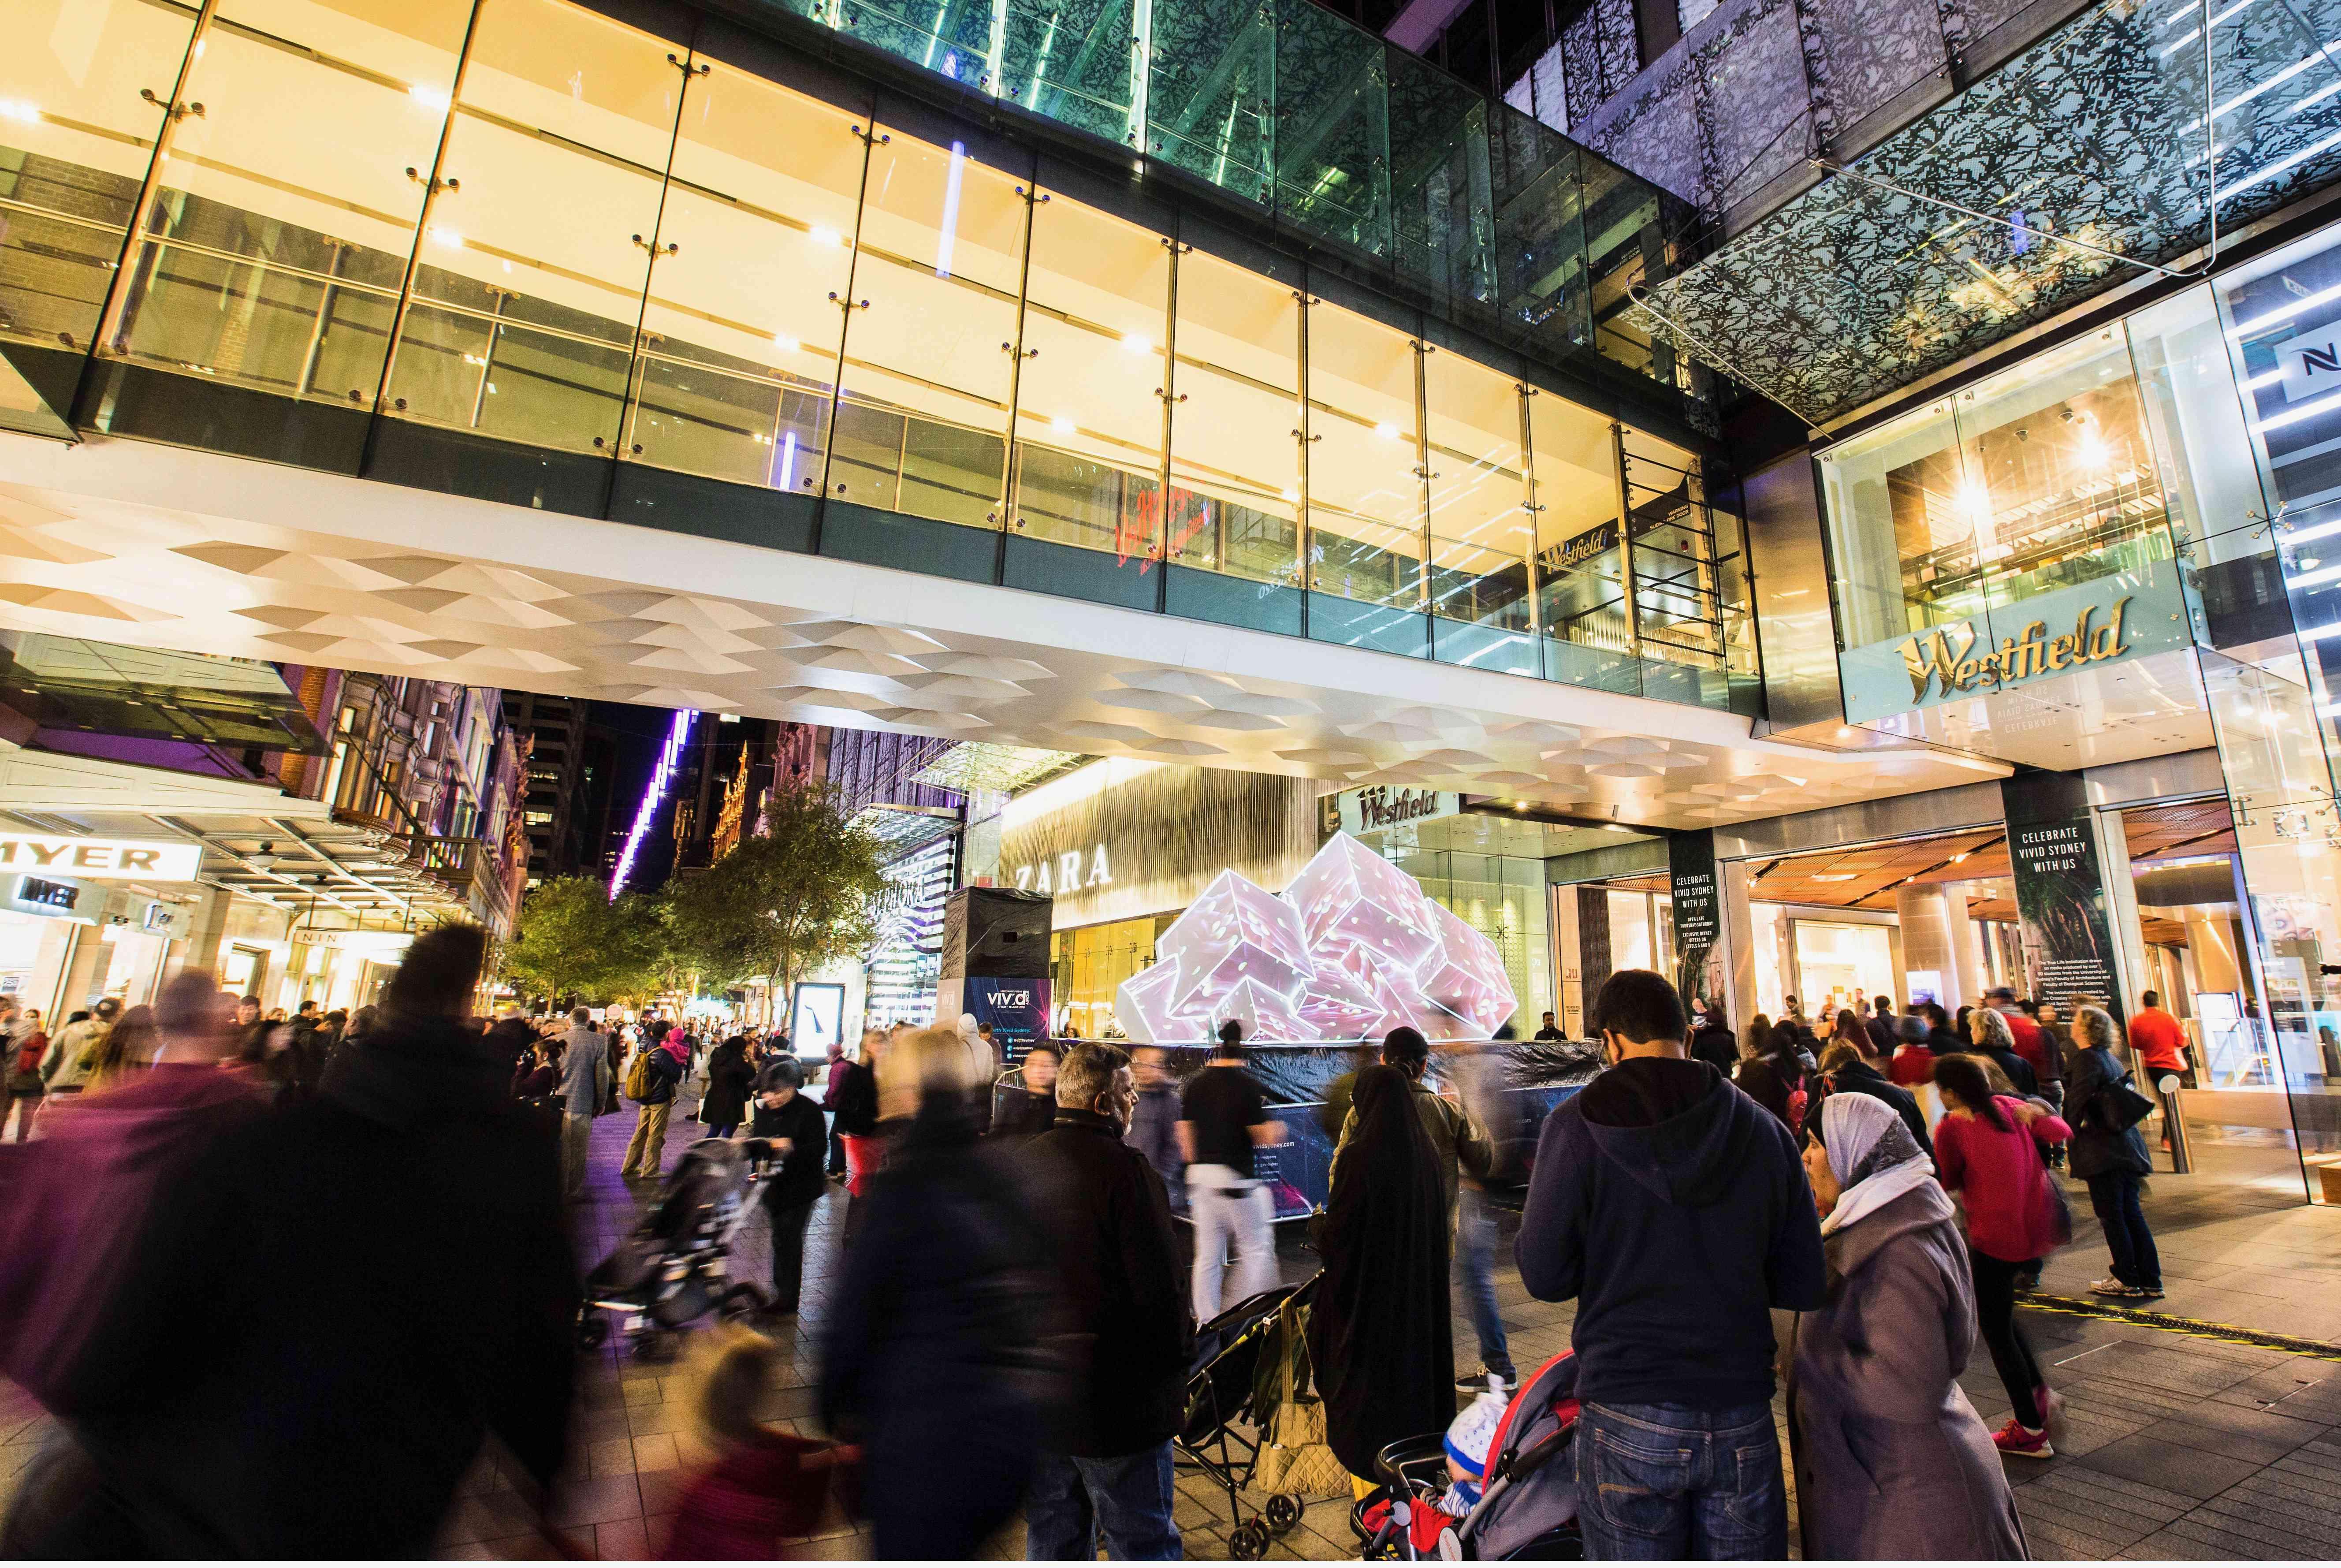 Pitt Street Mall at night